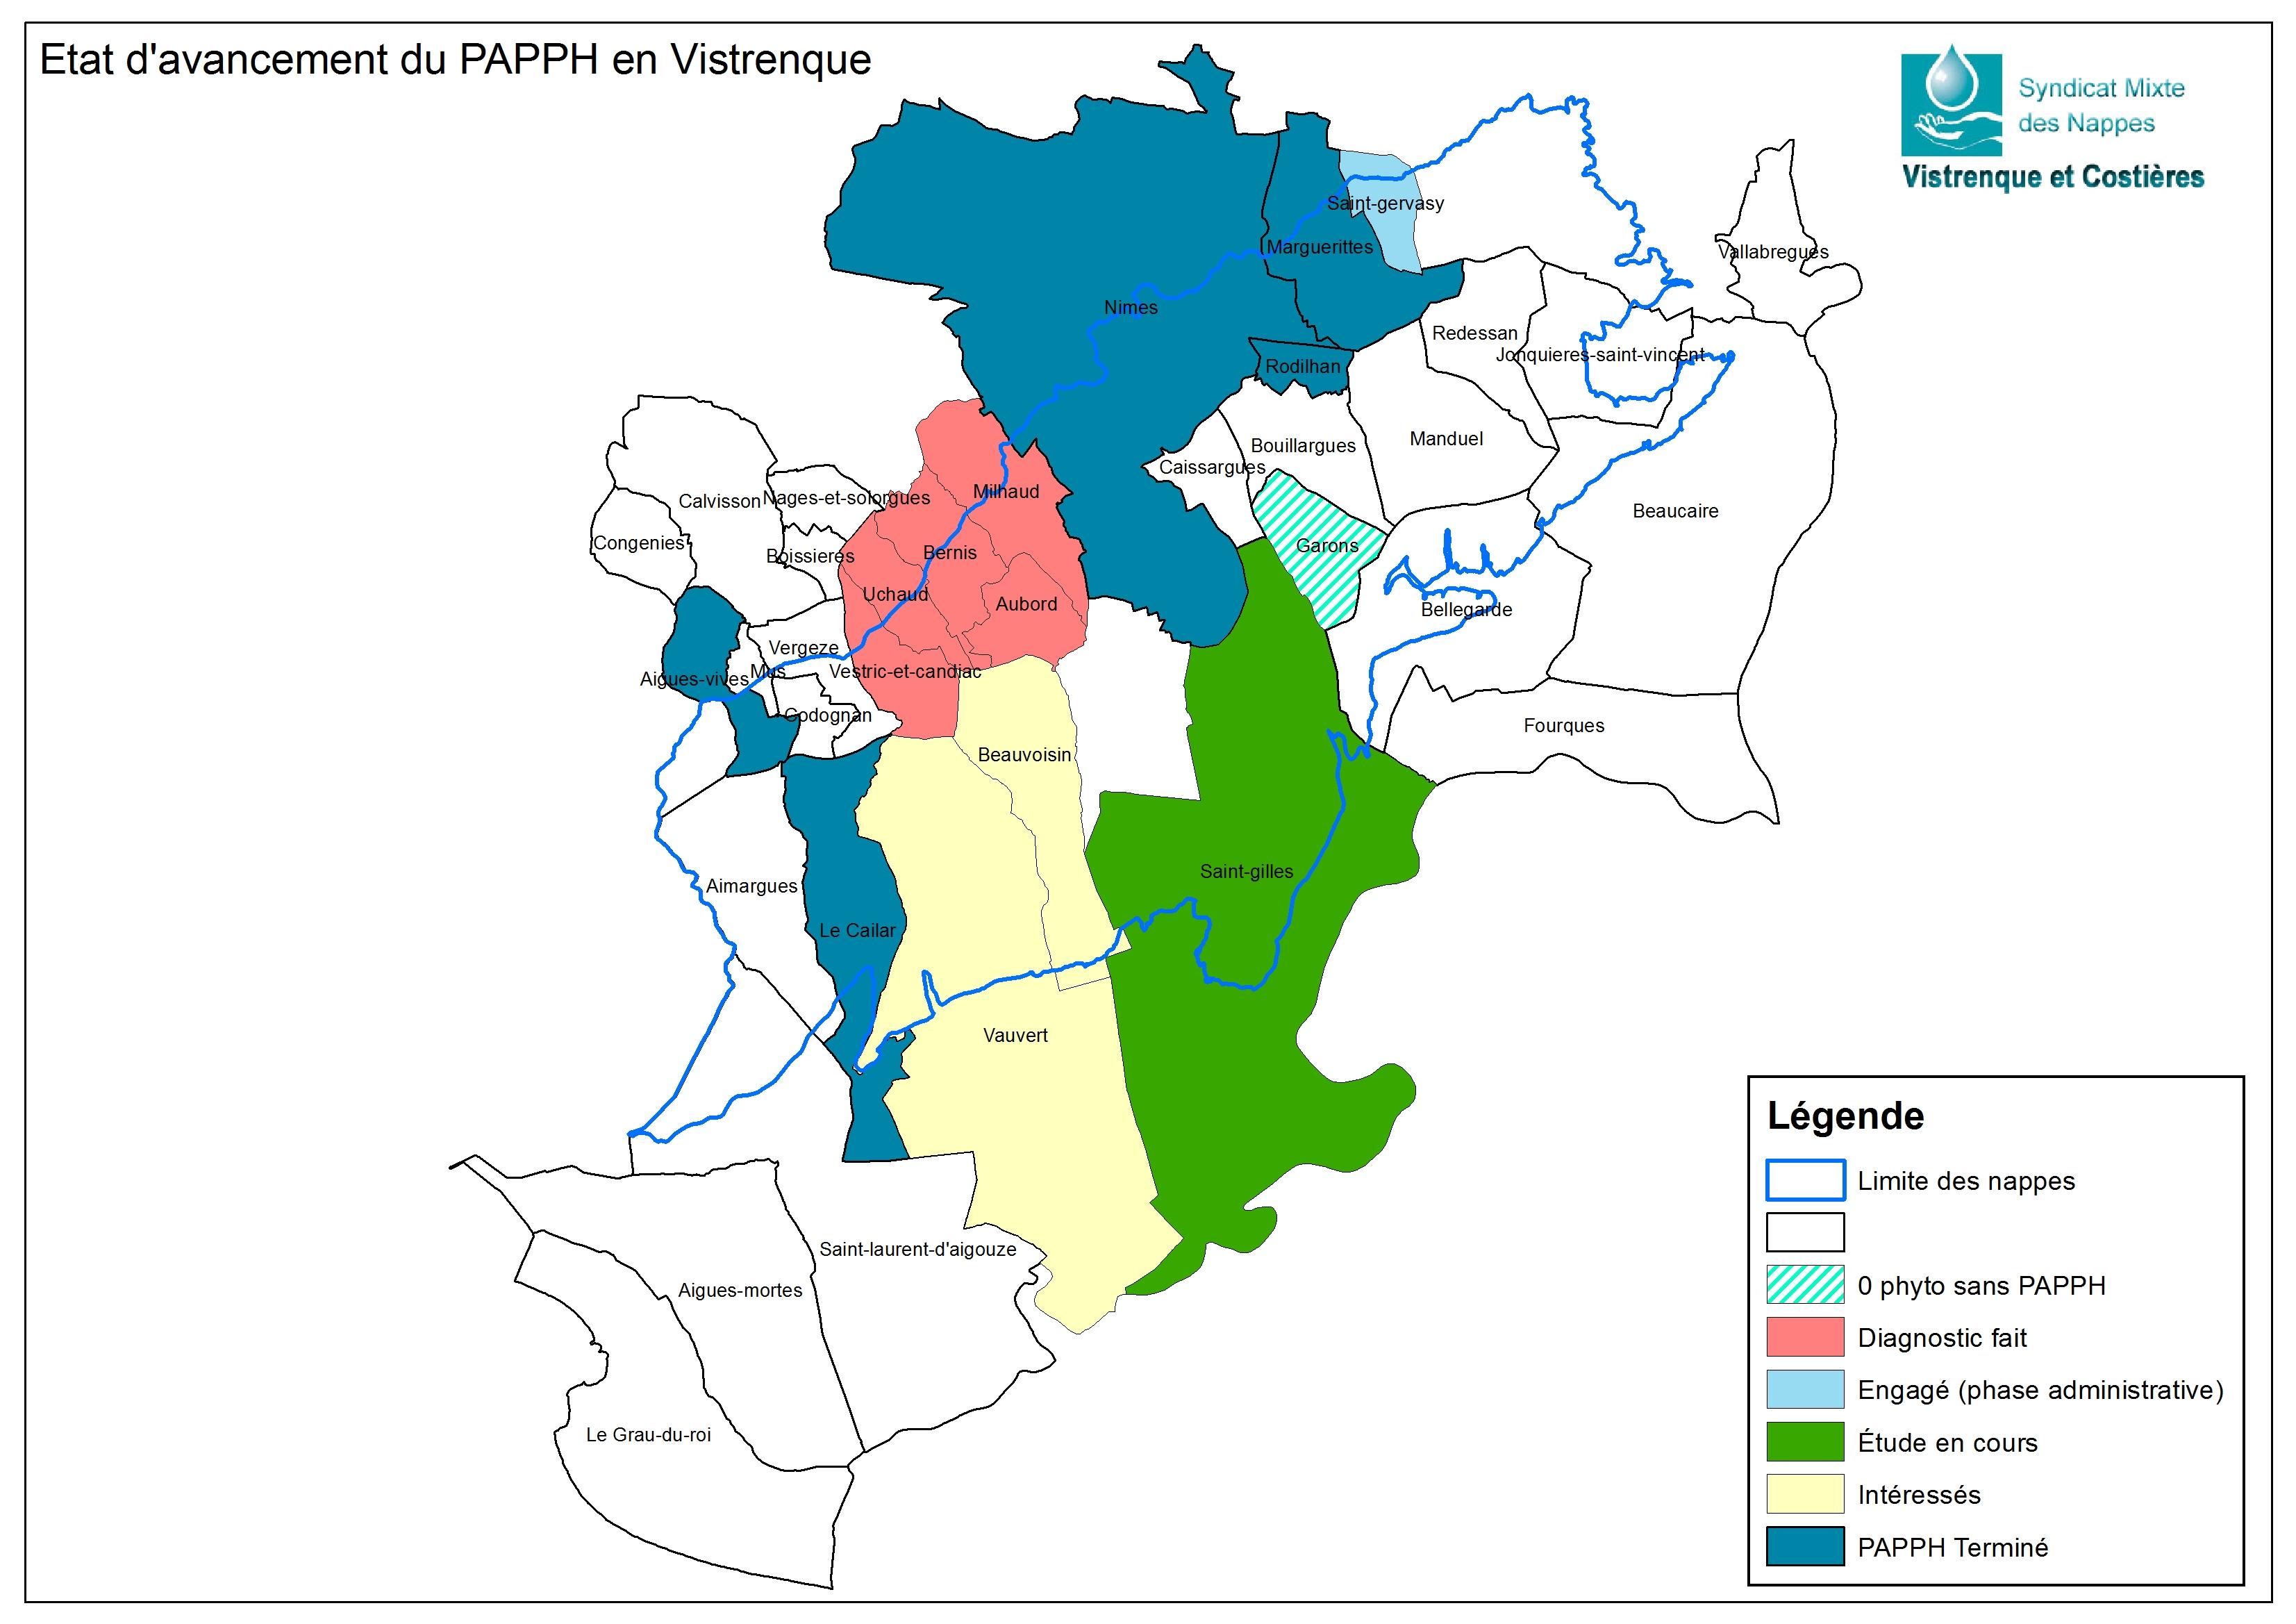 Avancement du PAPPH en Vistrenque